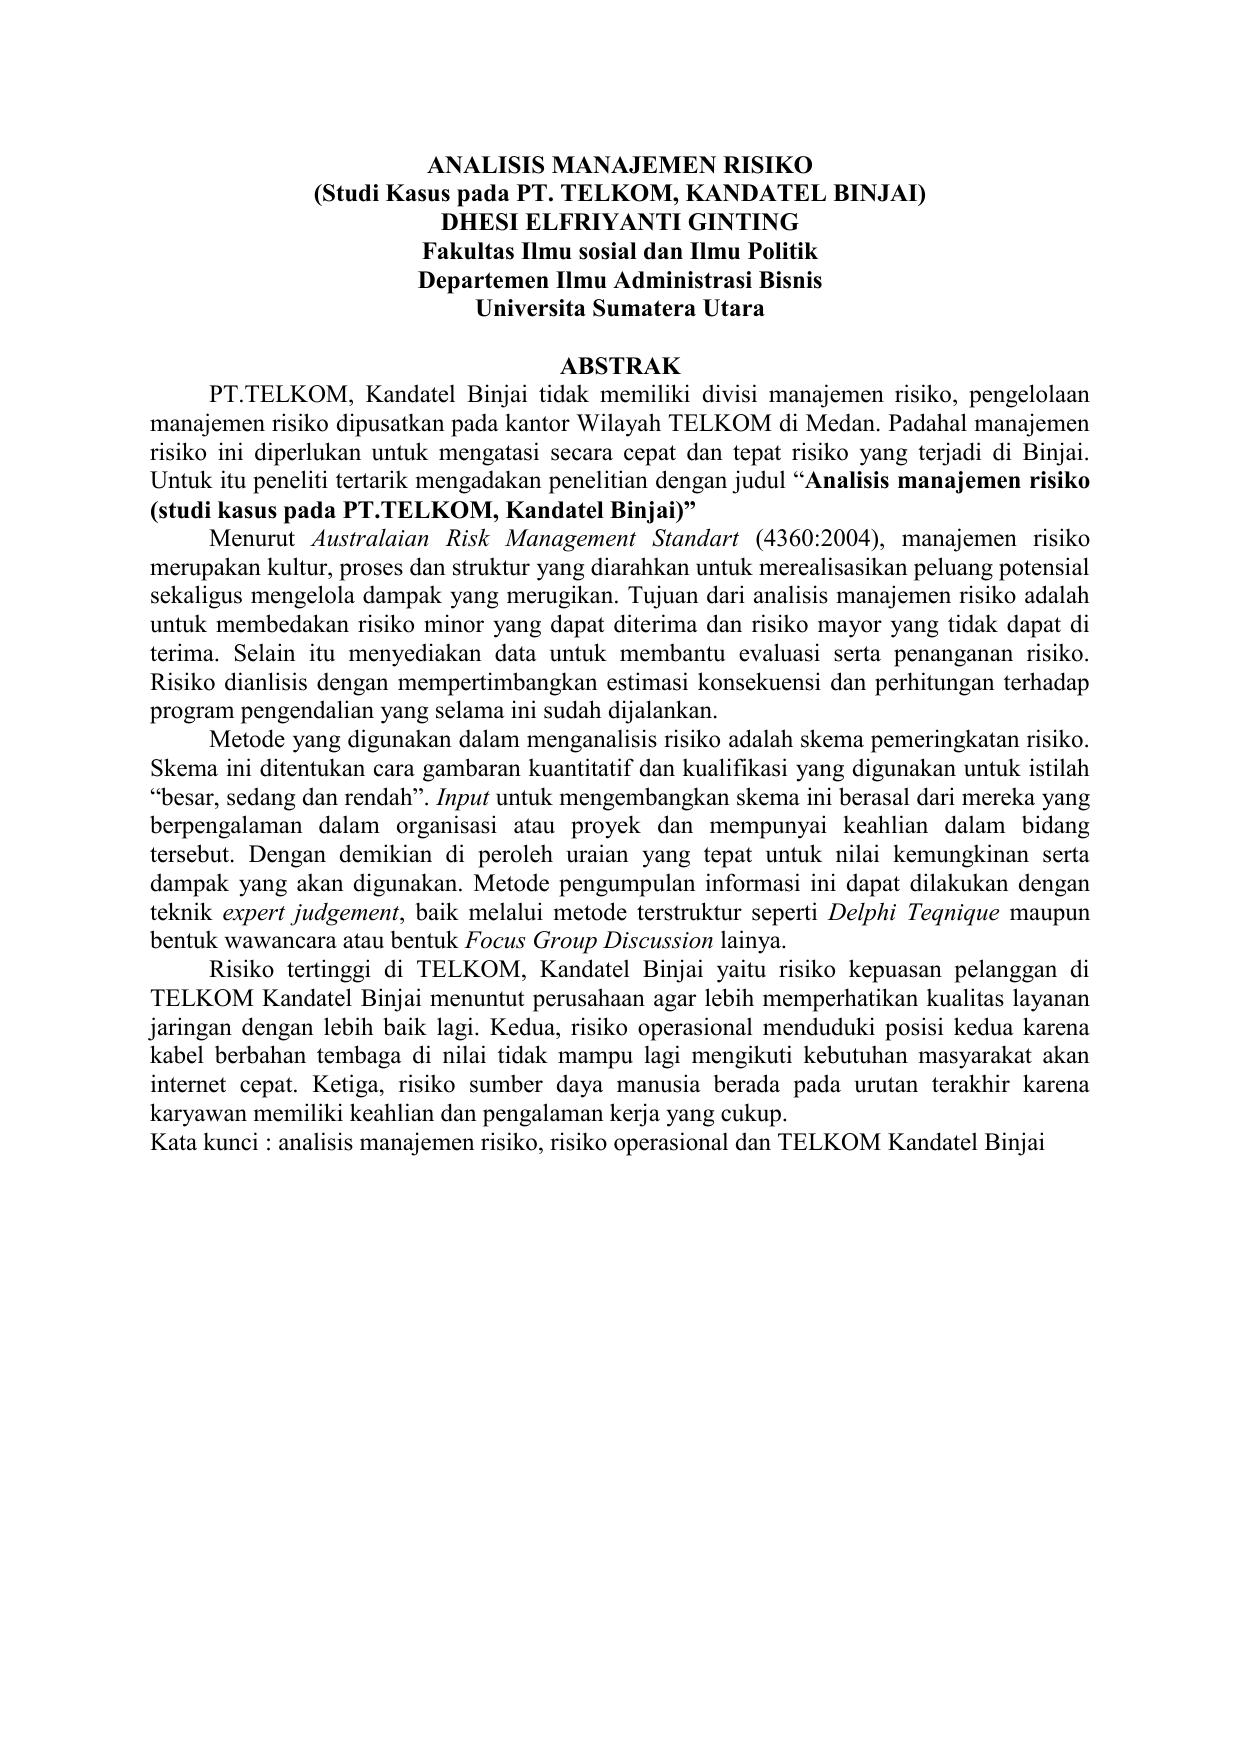 Analisis Manajemen Risiko Studi Kasus Pada Pt Telkom